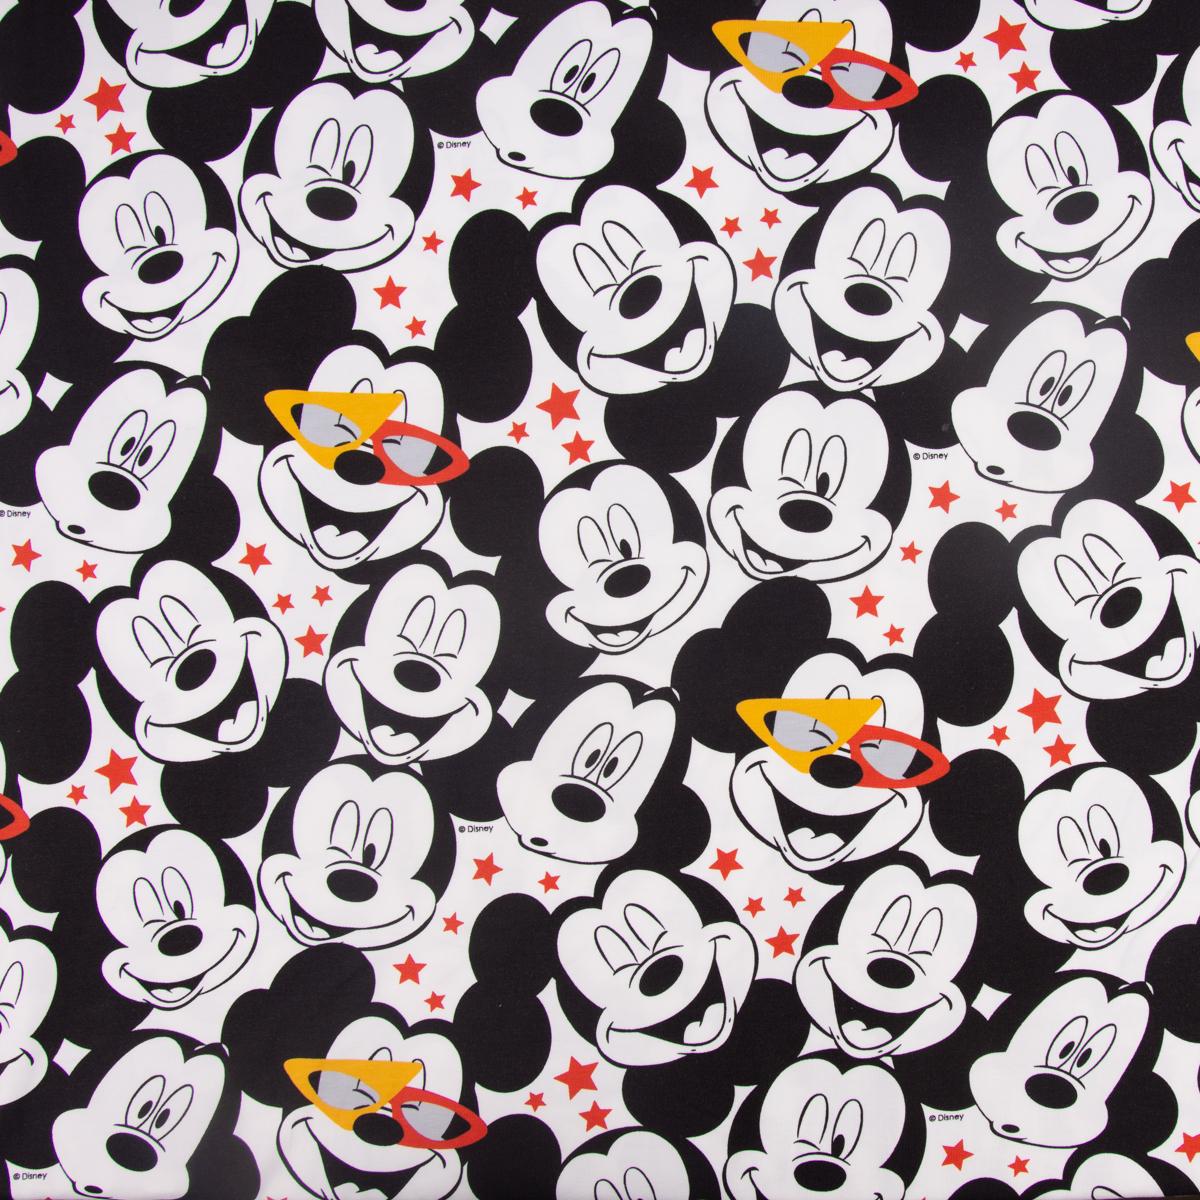 Baumwolljersey Jersey Disney Micky Maus Sterne weiß schwarz rot 1,50m Breite